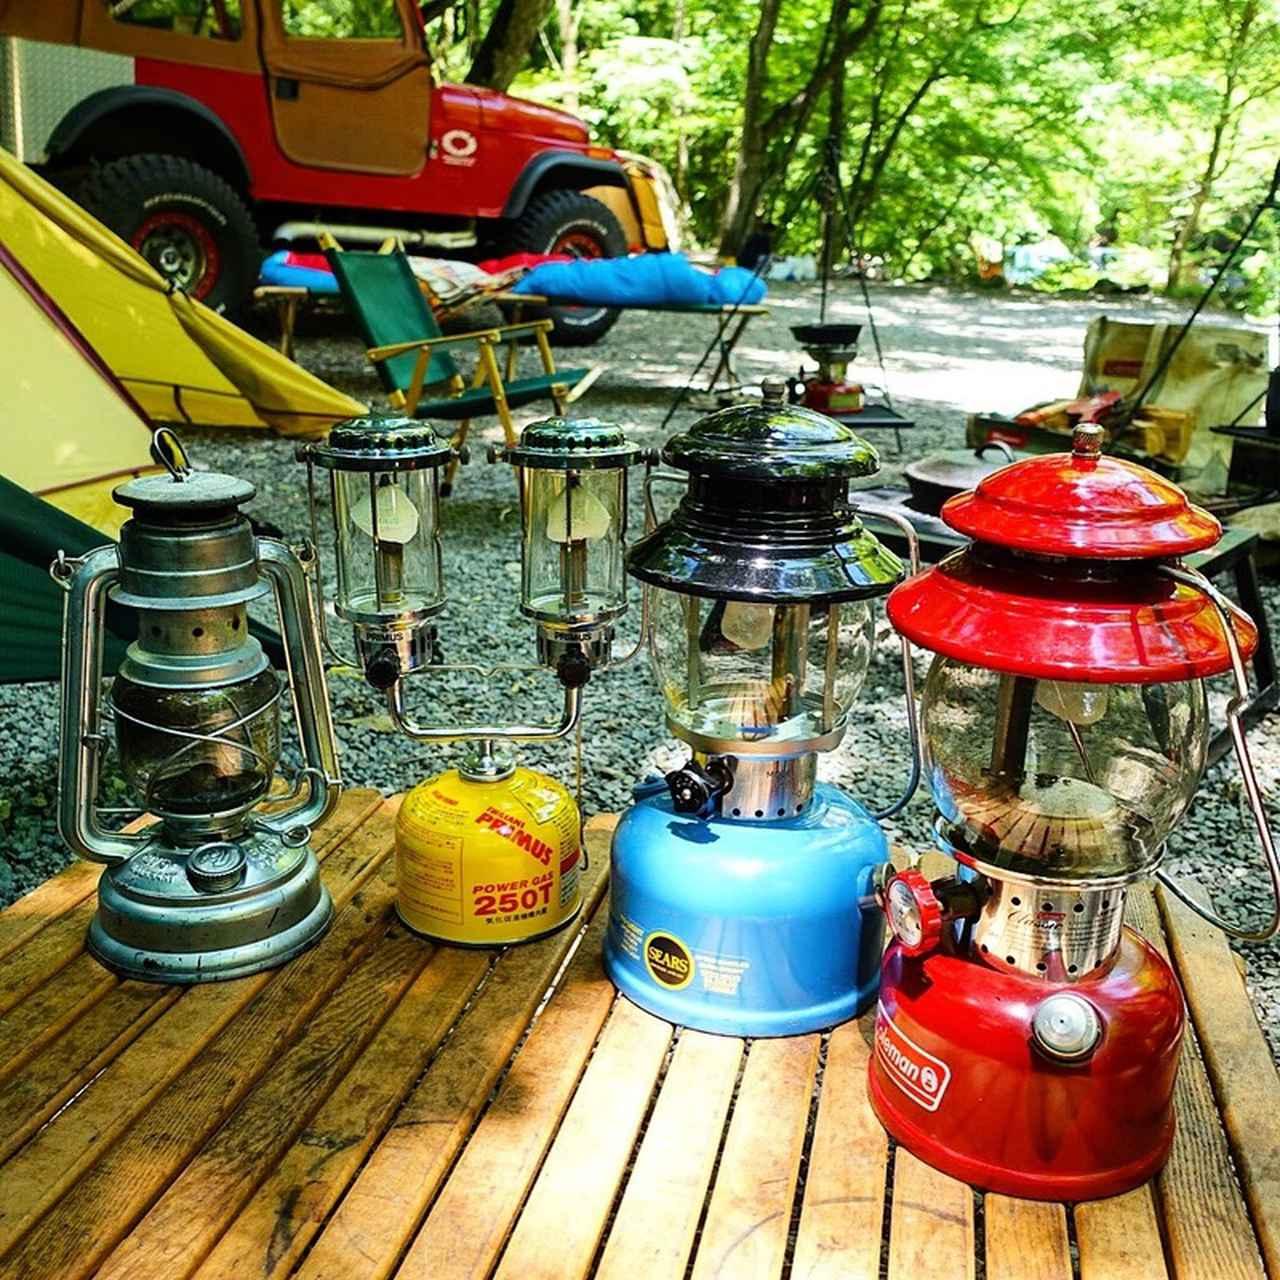 画像: コールマンのビンテージランタンやテント、ジャグ クラシックキャンプ用品の魅力